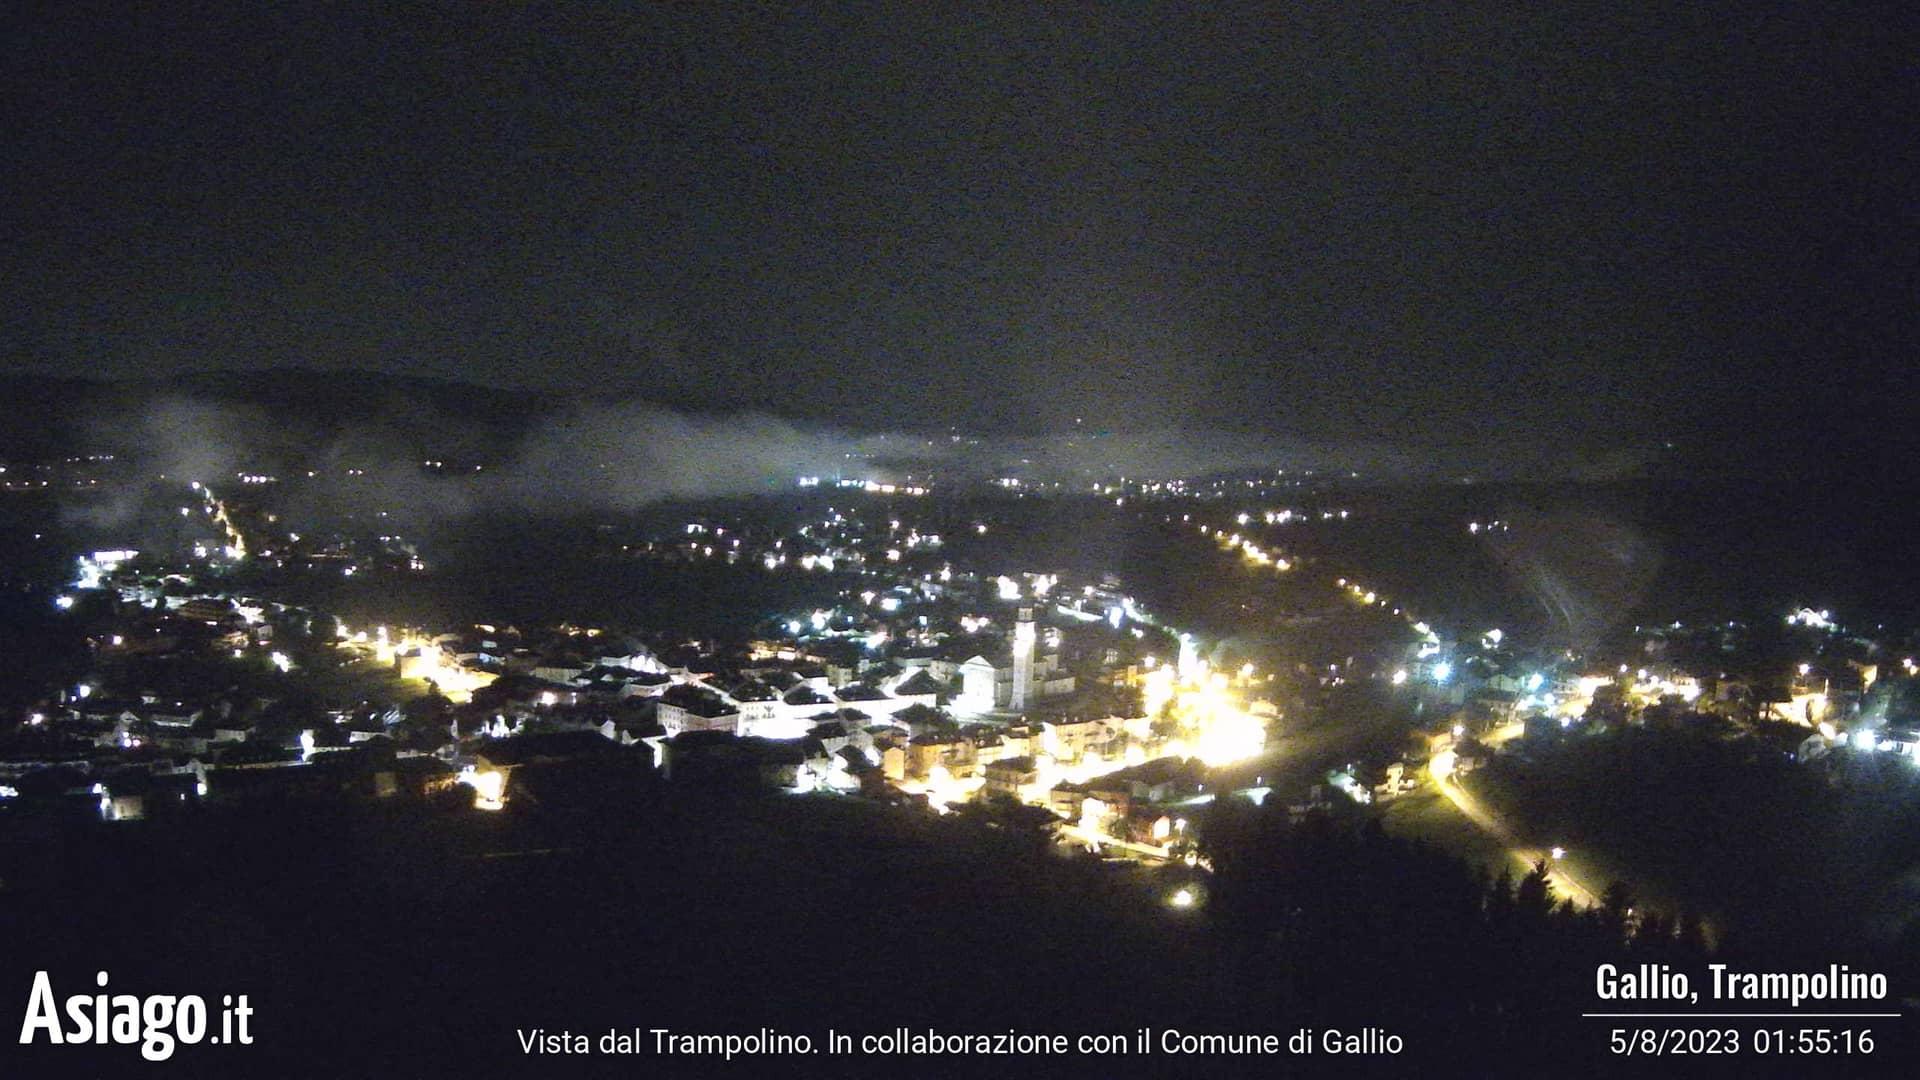 Webcam live dal trampolino di Gallio